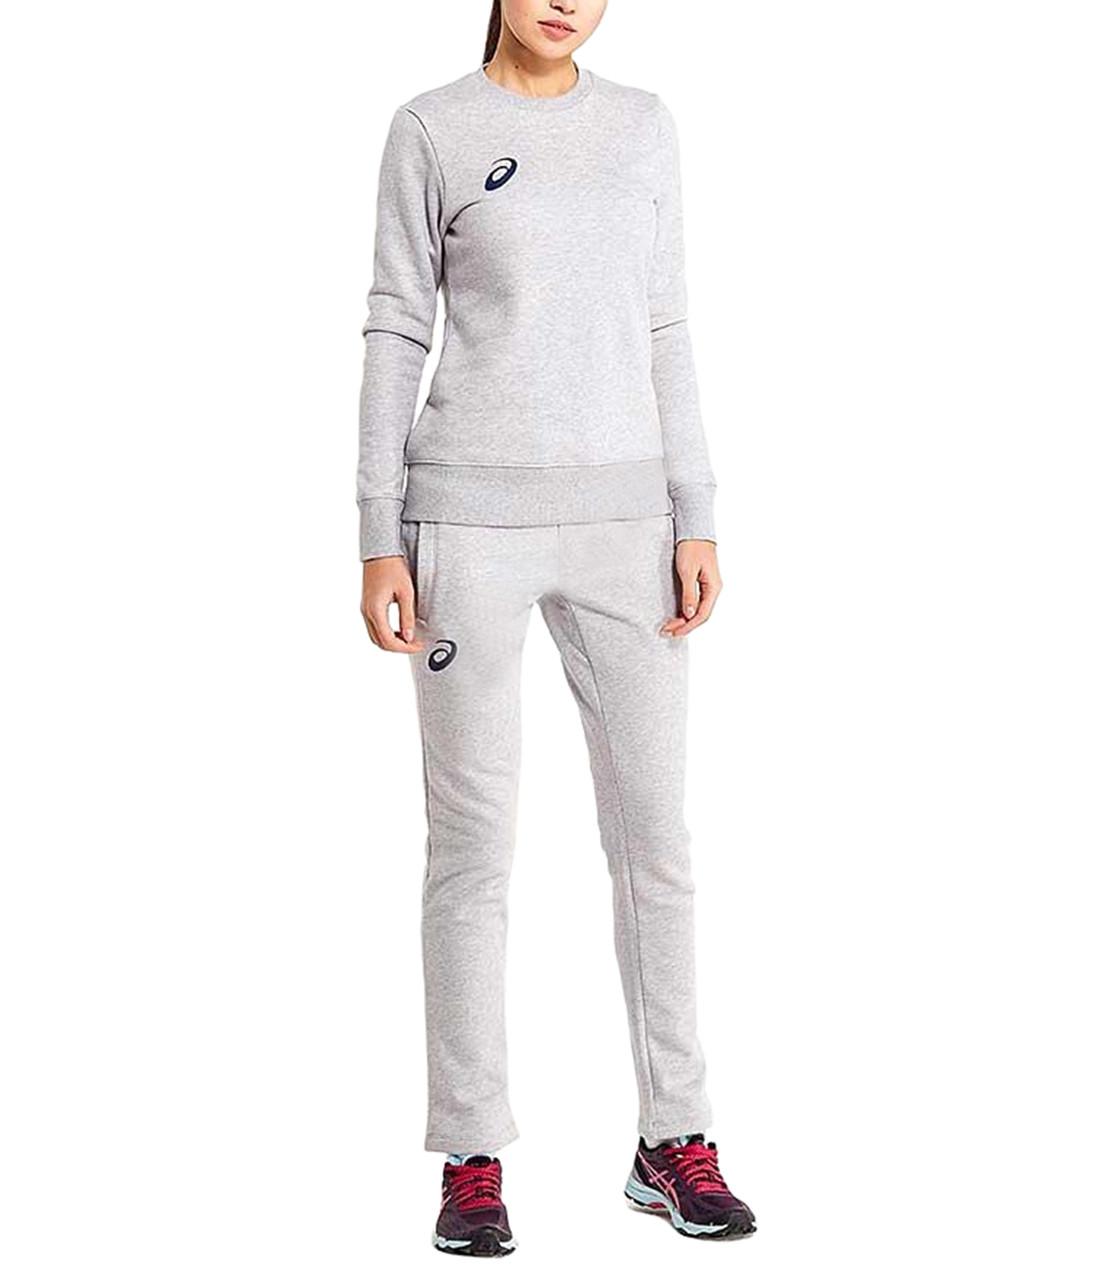 Спортивный костюм Asics Knit Suit (Women) 156866 0714